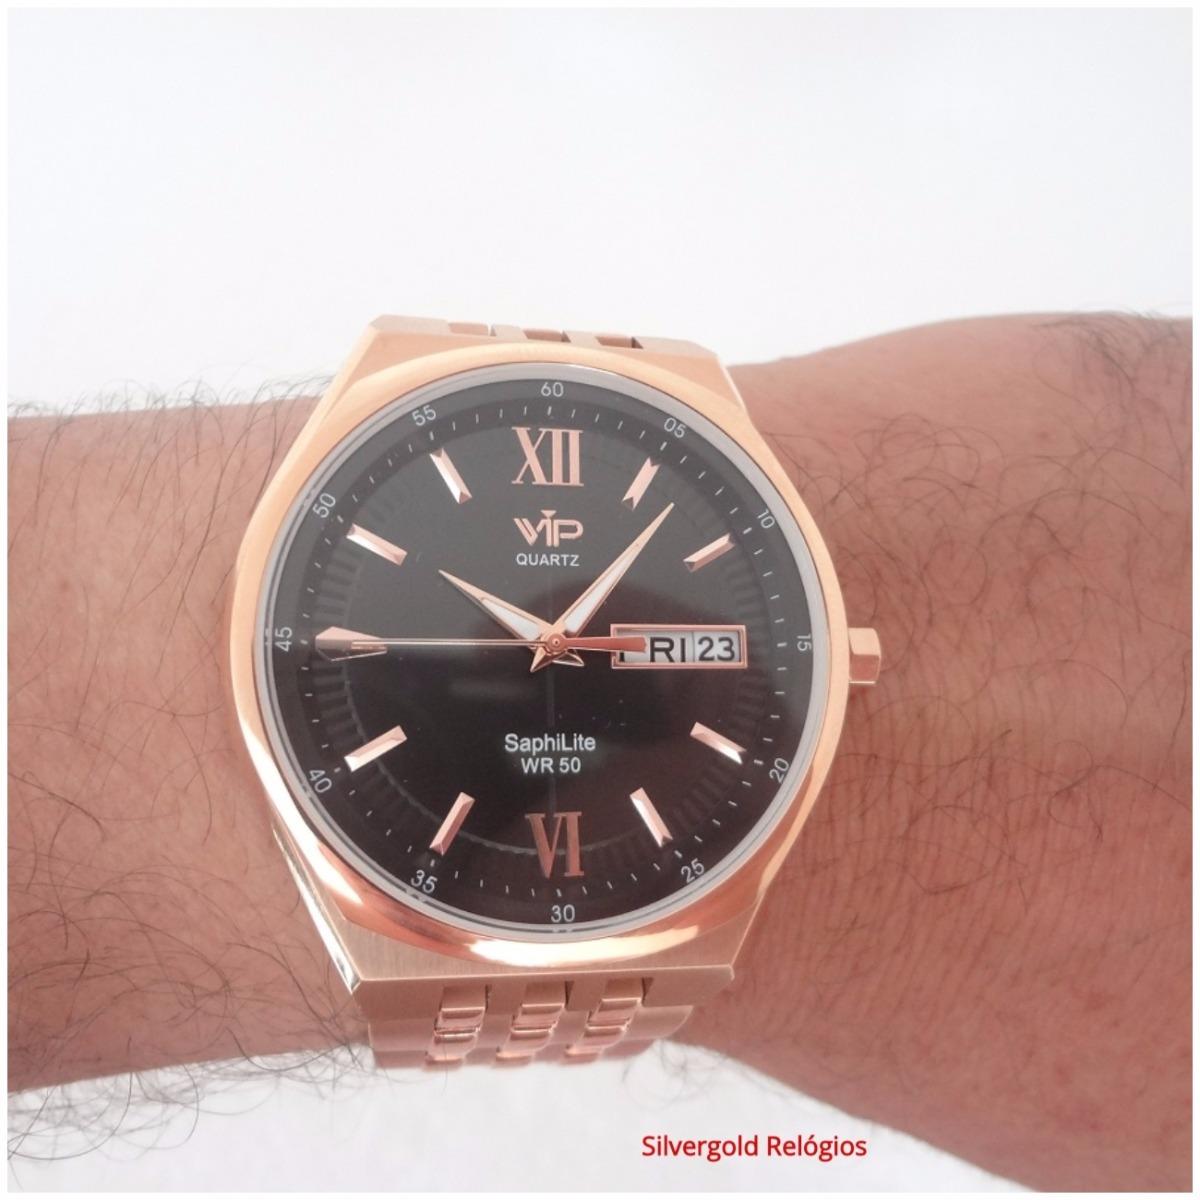 2a77d2b5835 Relógio Vip Mh6360 Social Masculino Original Luxo 12x S j - R  299 ...